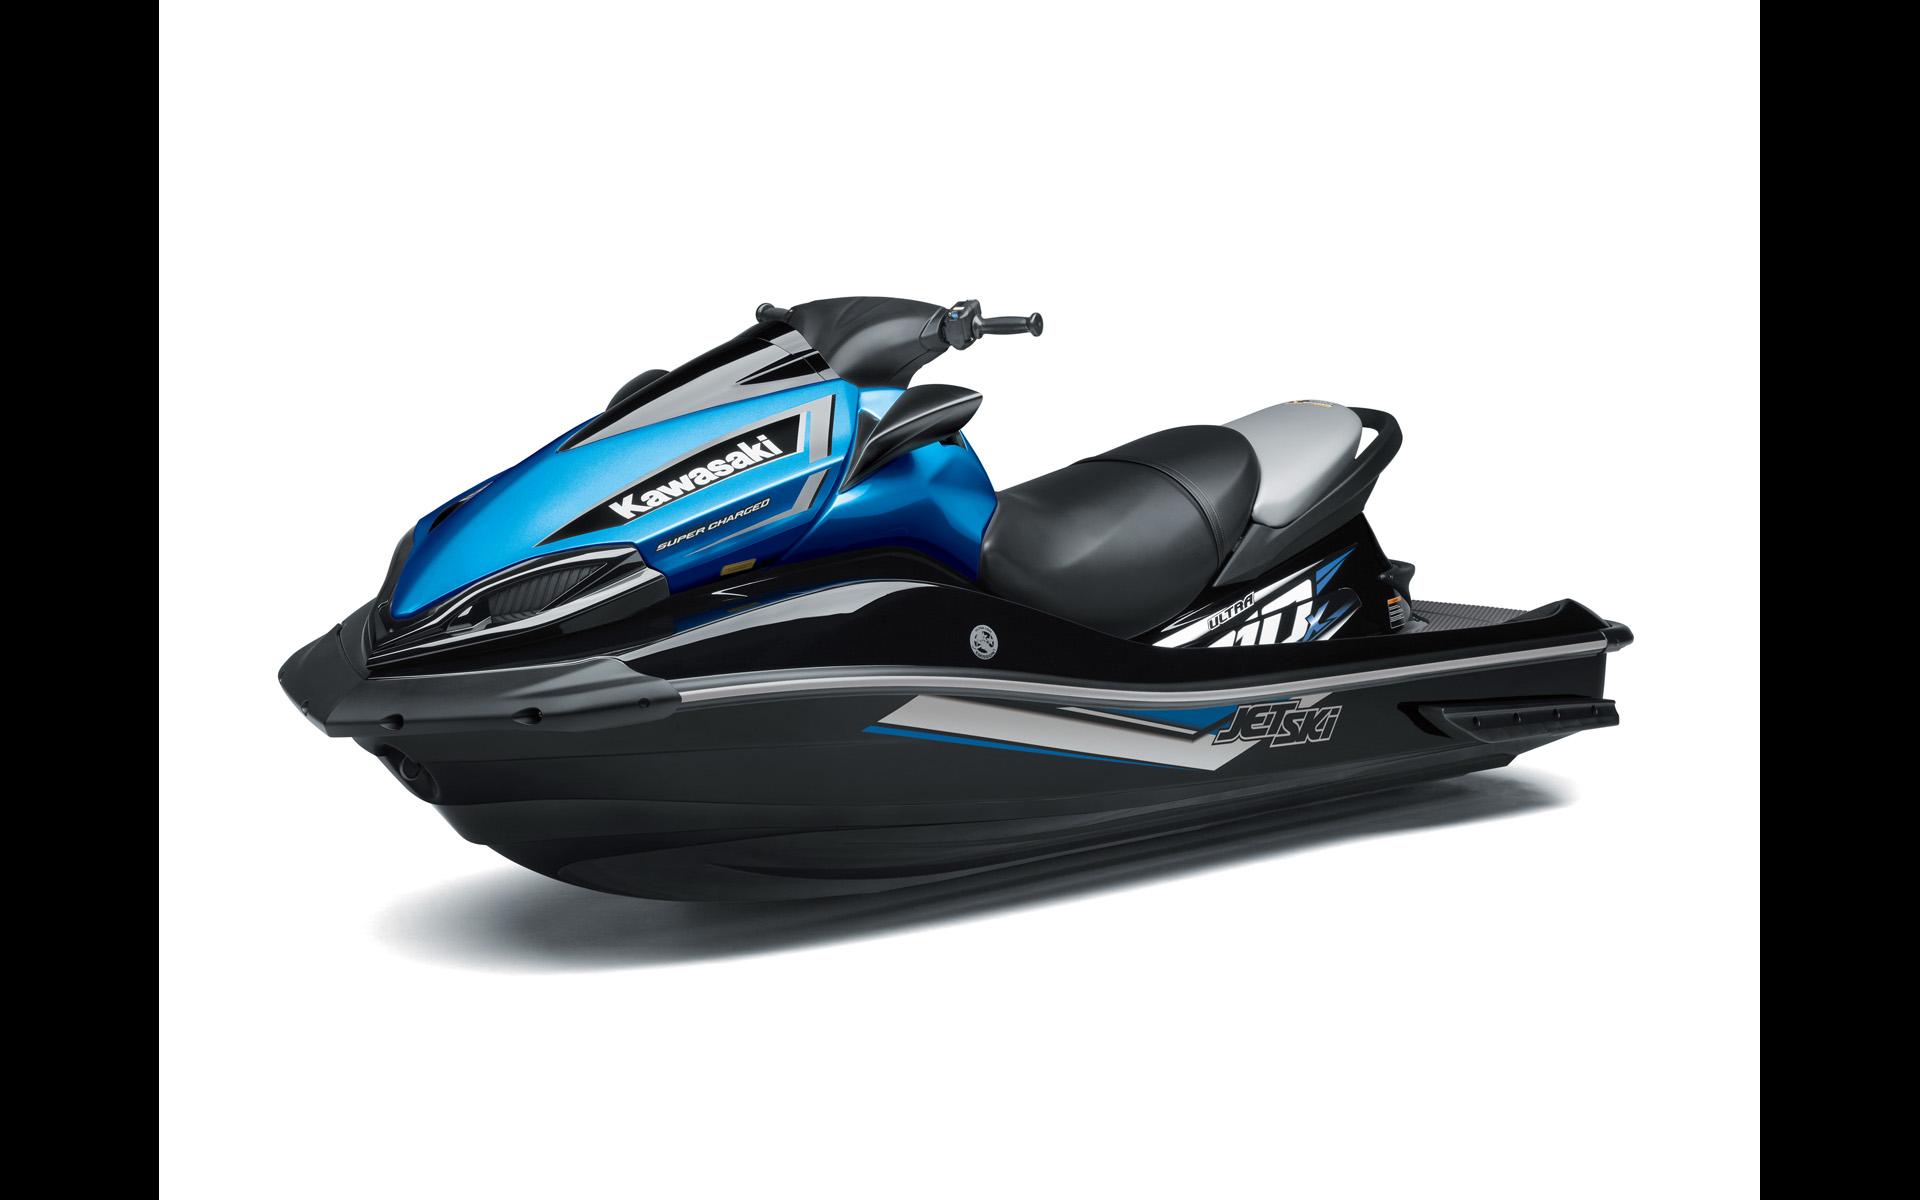 Kawasaki X Ultra Spec